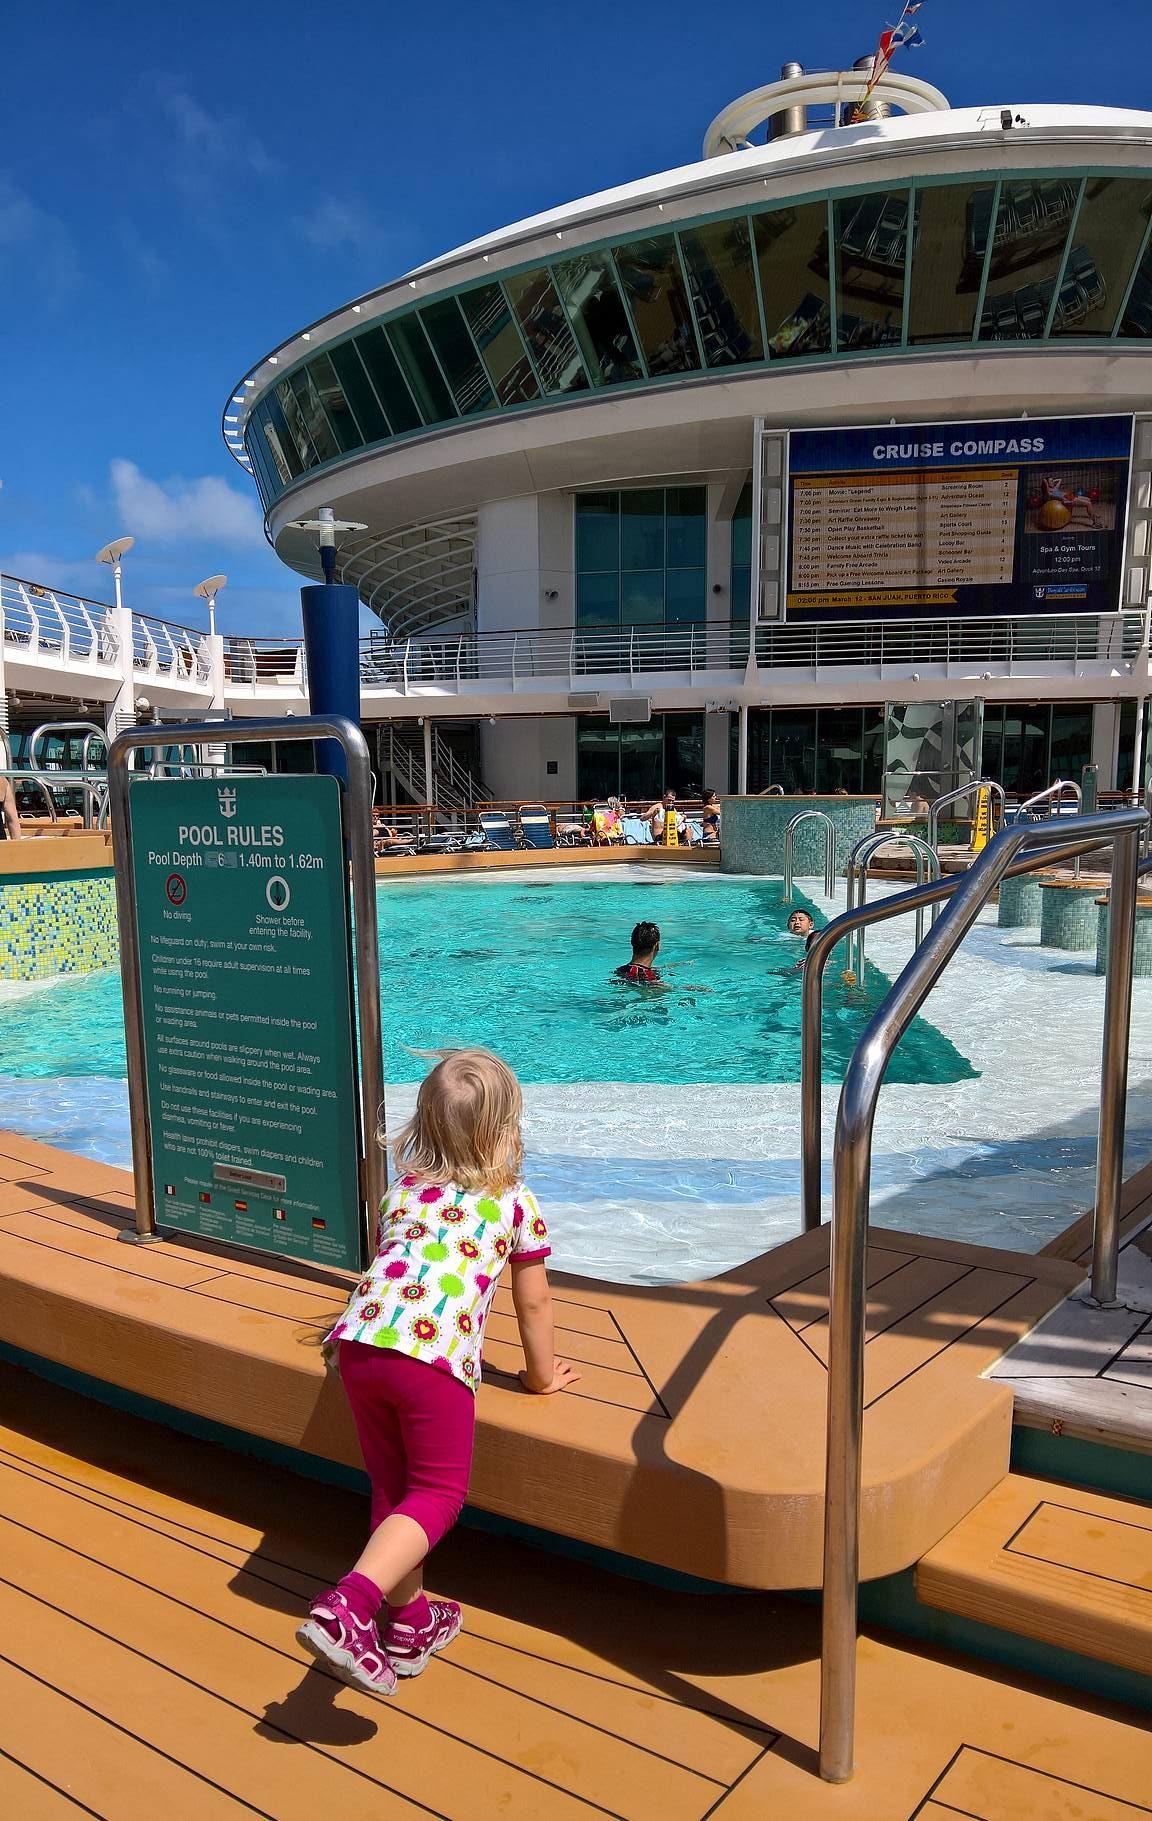 Heti laivalle päästyä uima-allasalue houkutteli Emmaa.